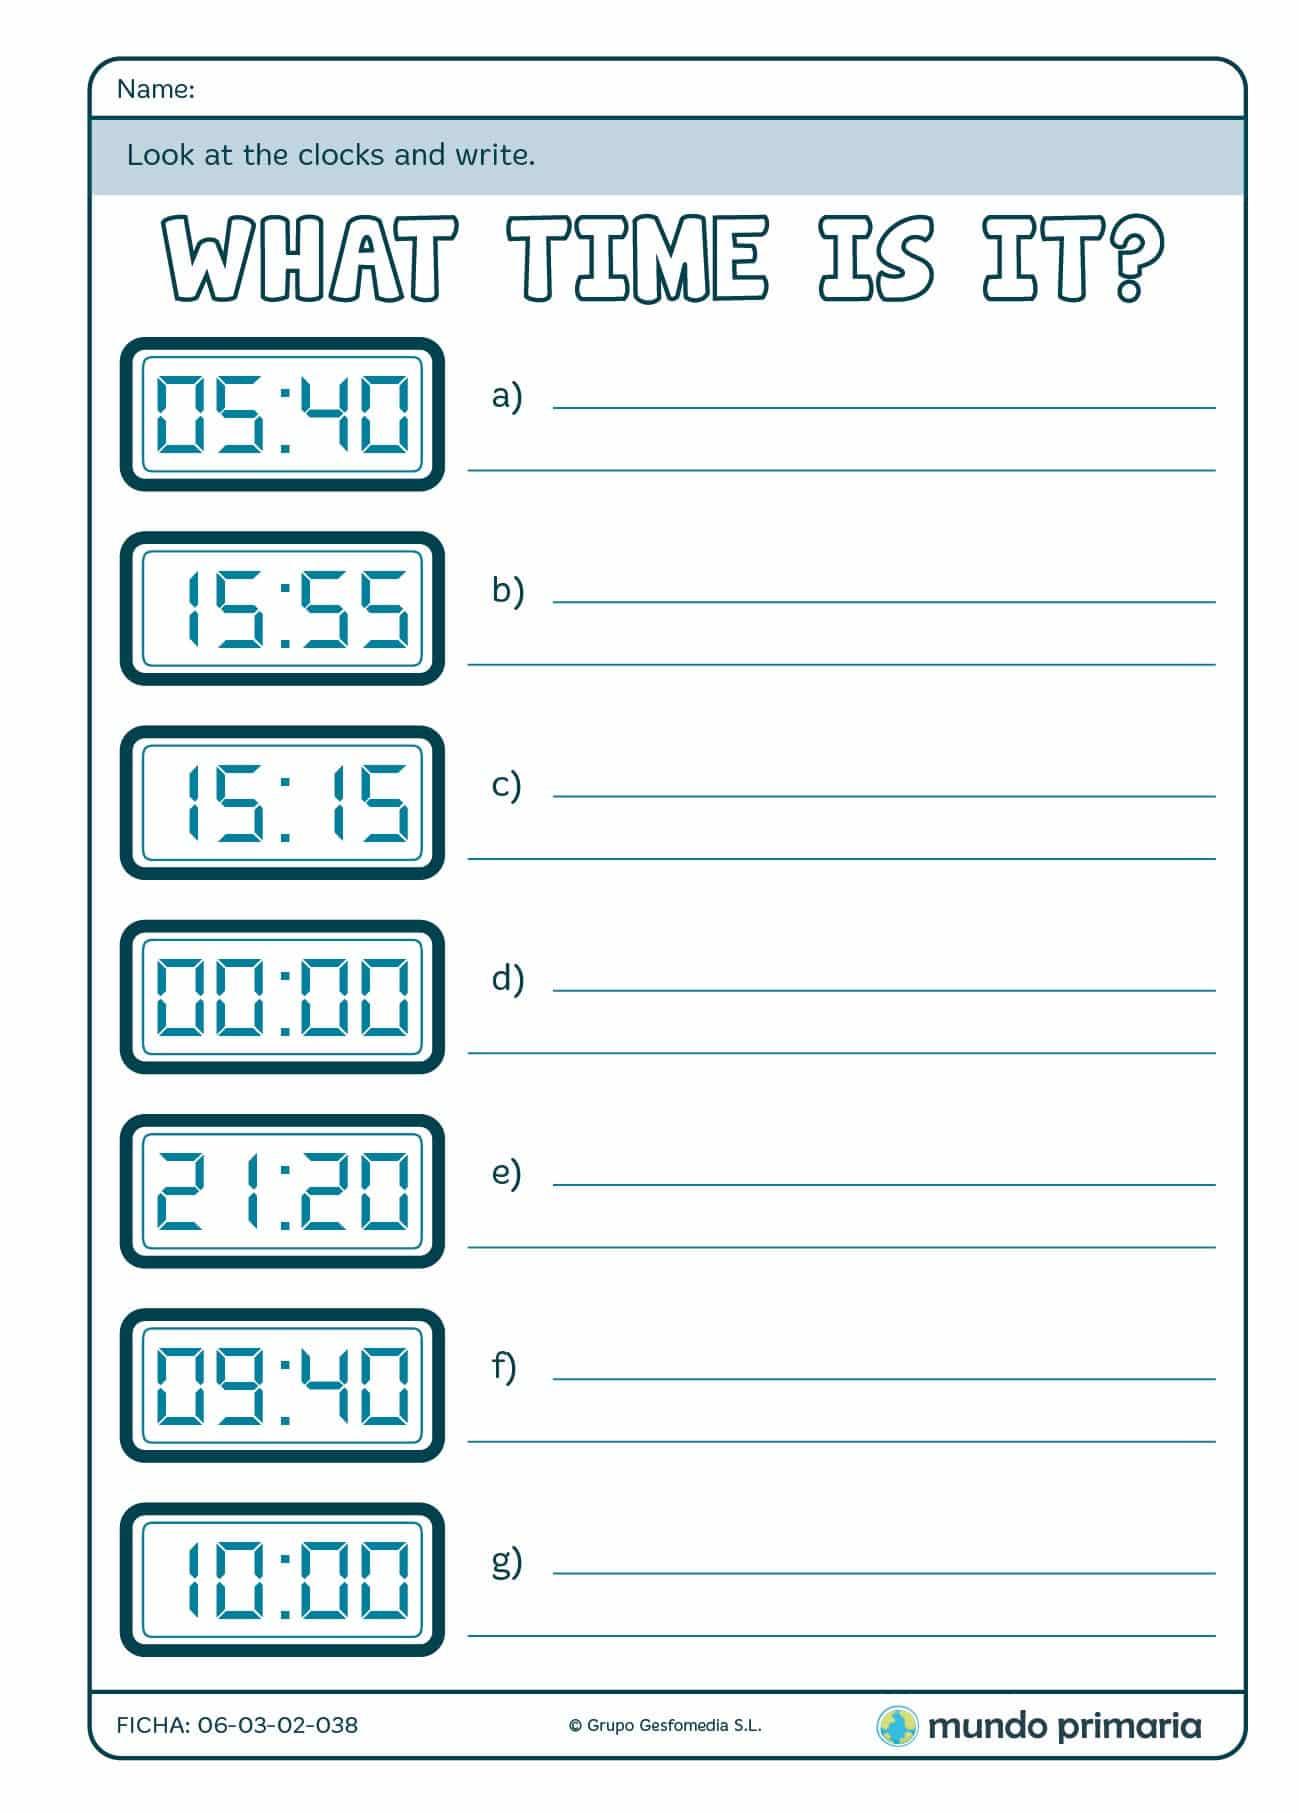 Ficha para aprender horas en inglés con un reloj digital en 4º de P.